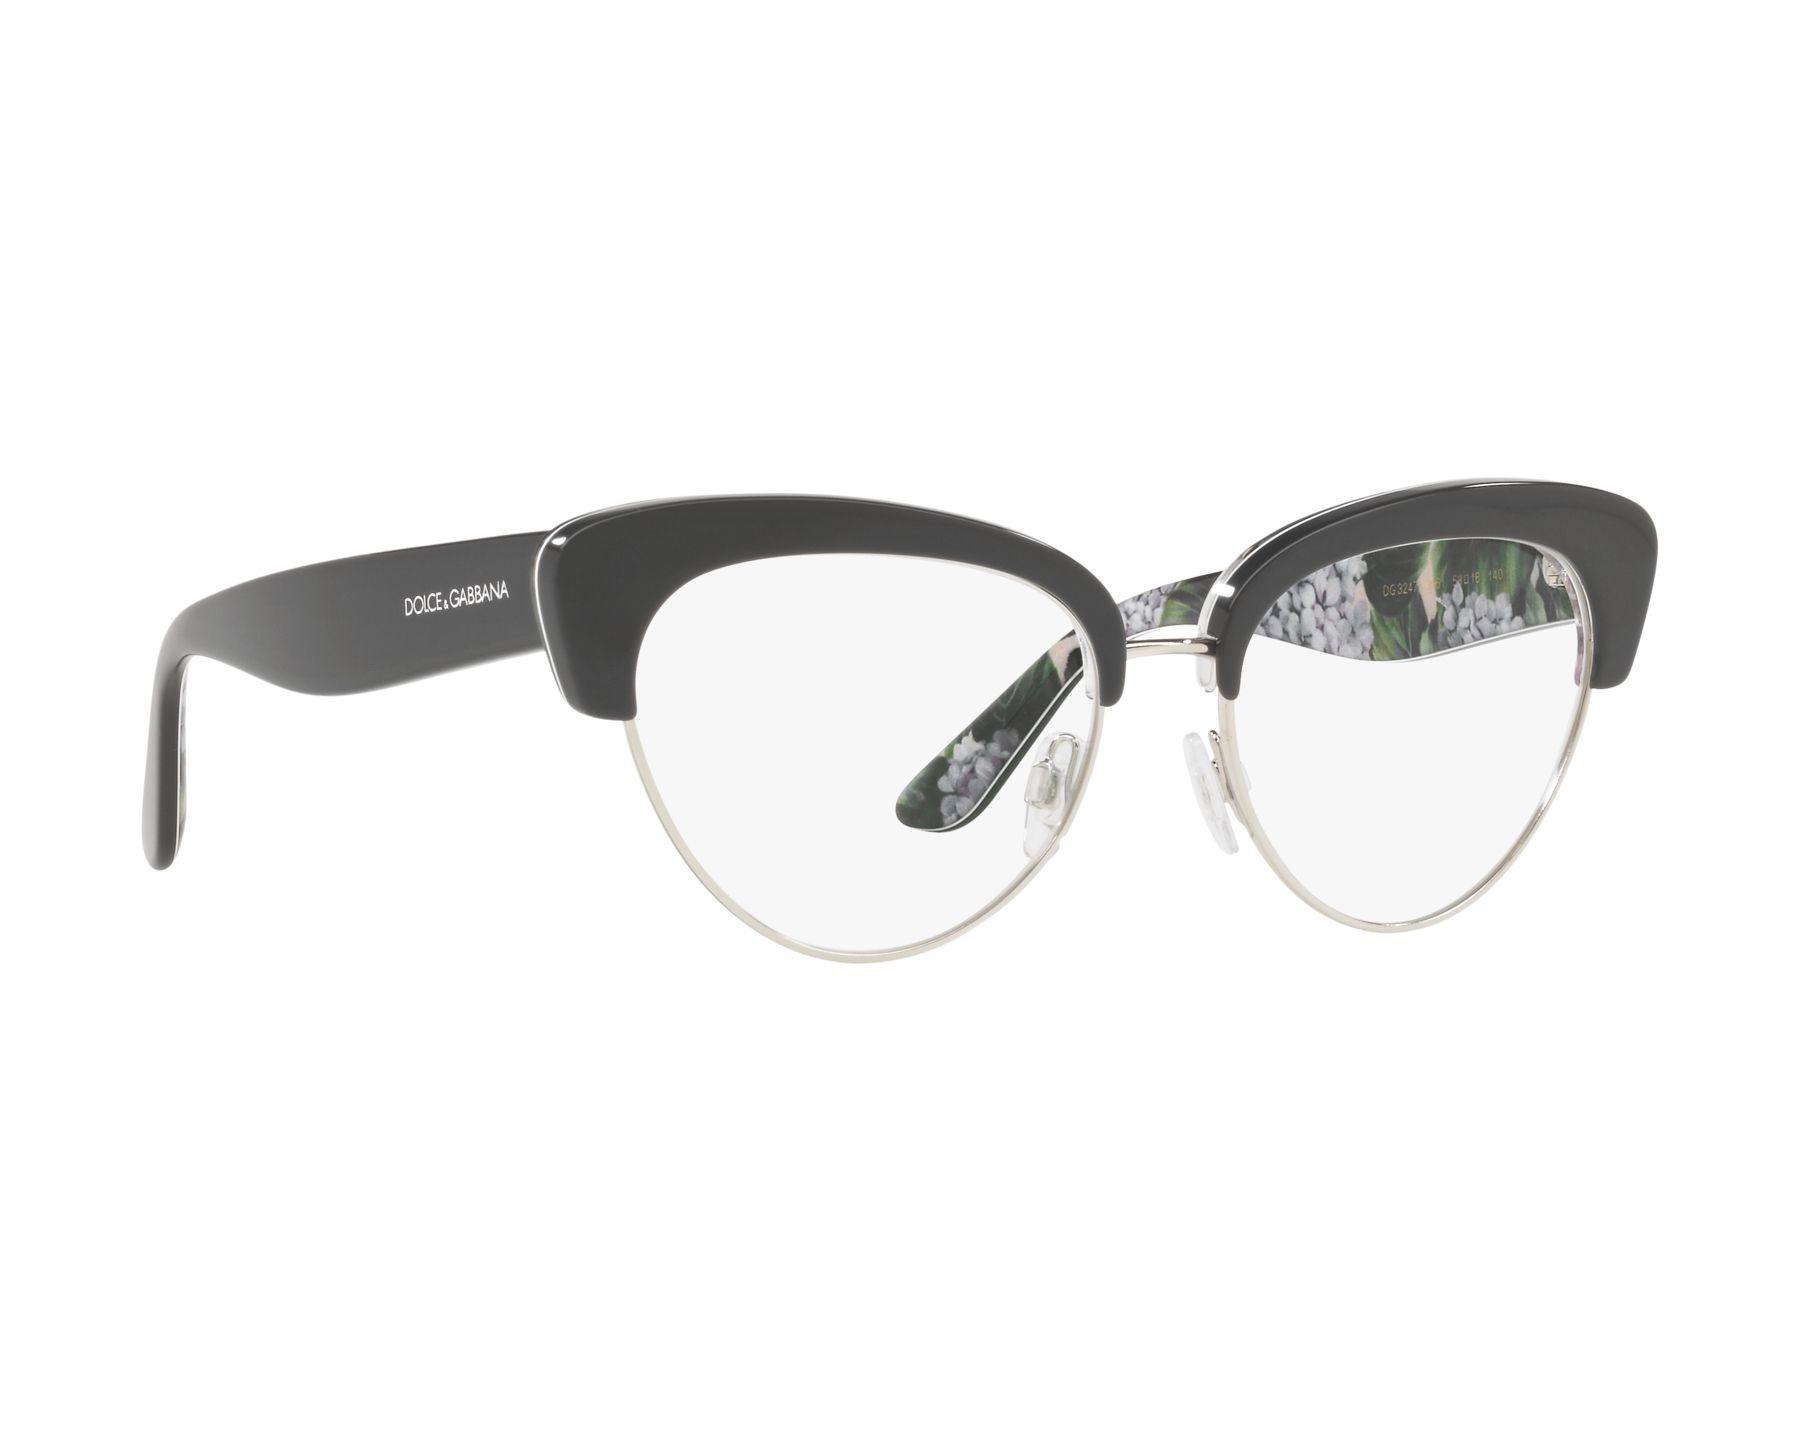 dolce gabbana brille dg 3247 3161 grau visionet. Black Bedroom Furniture Sets. Home Design Ideas